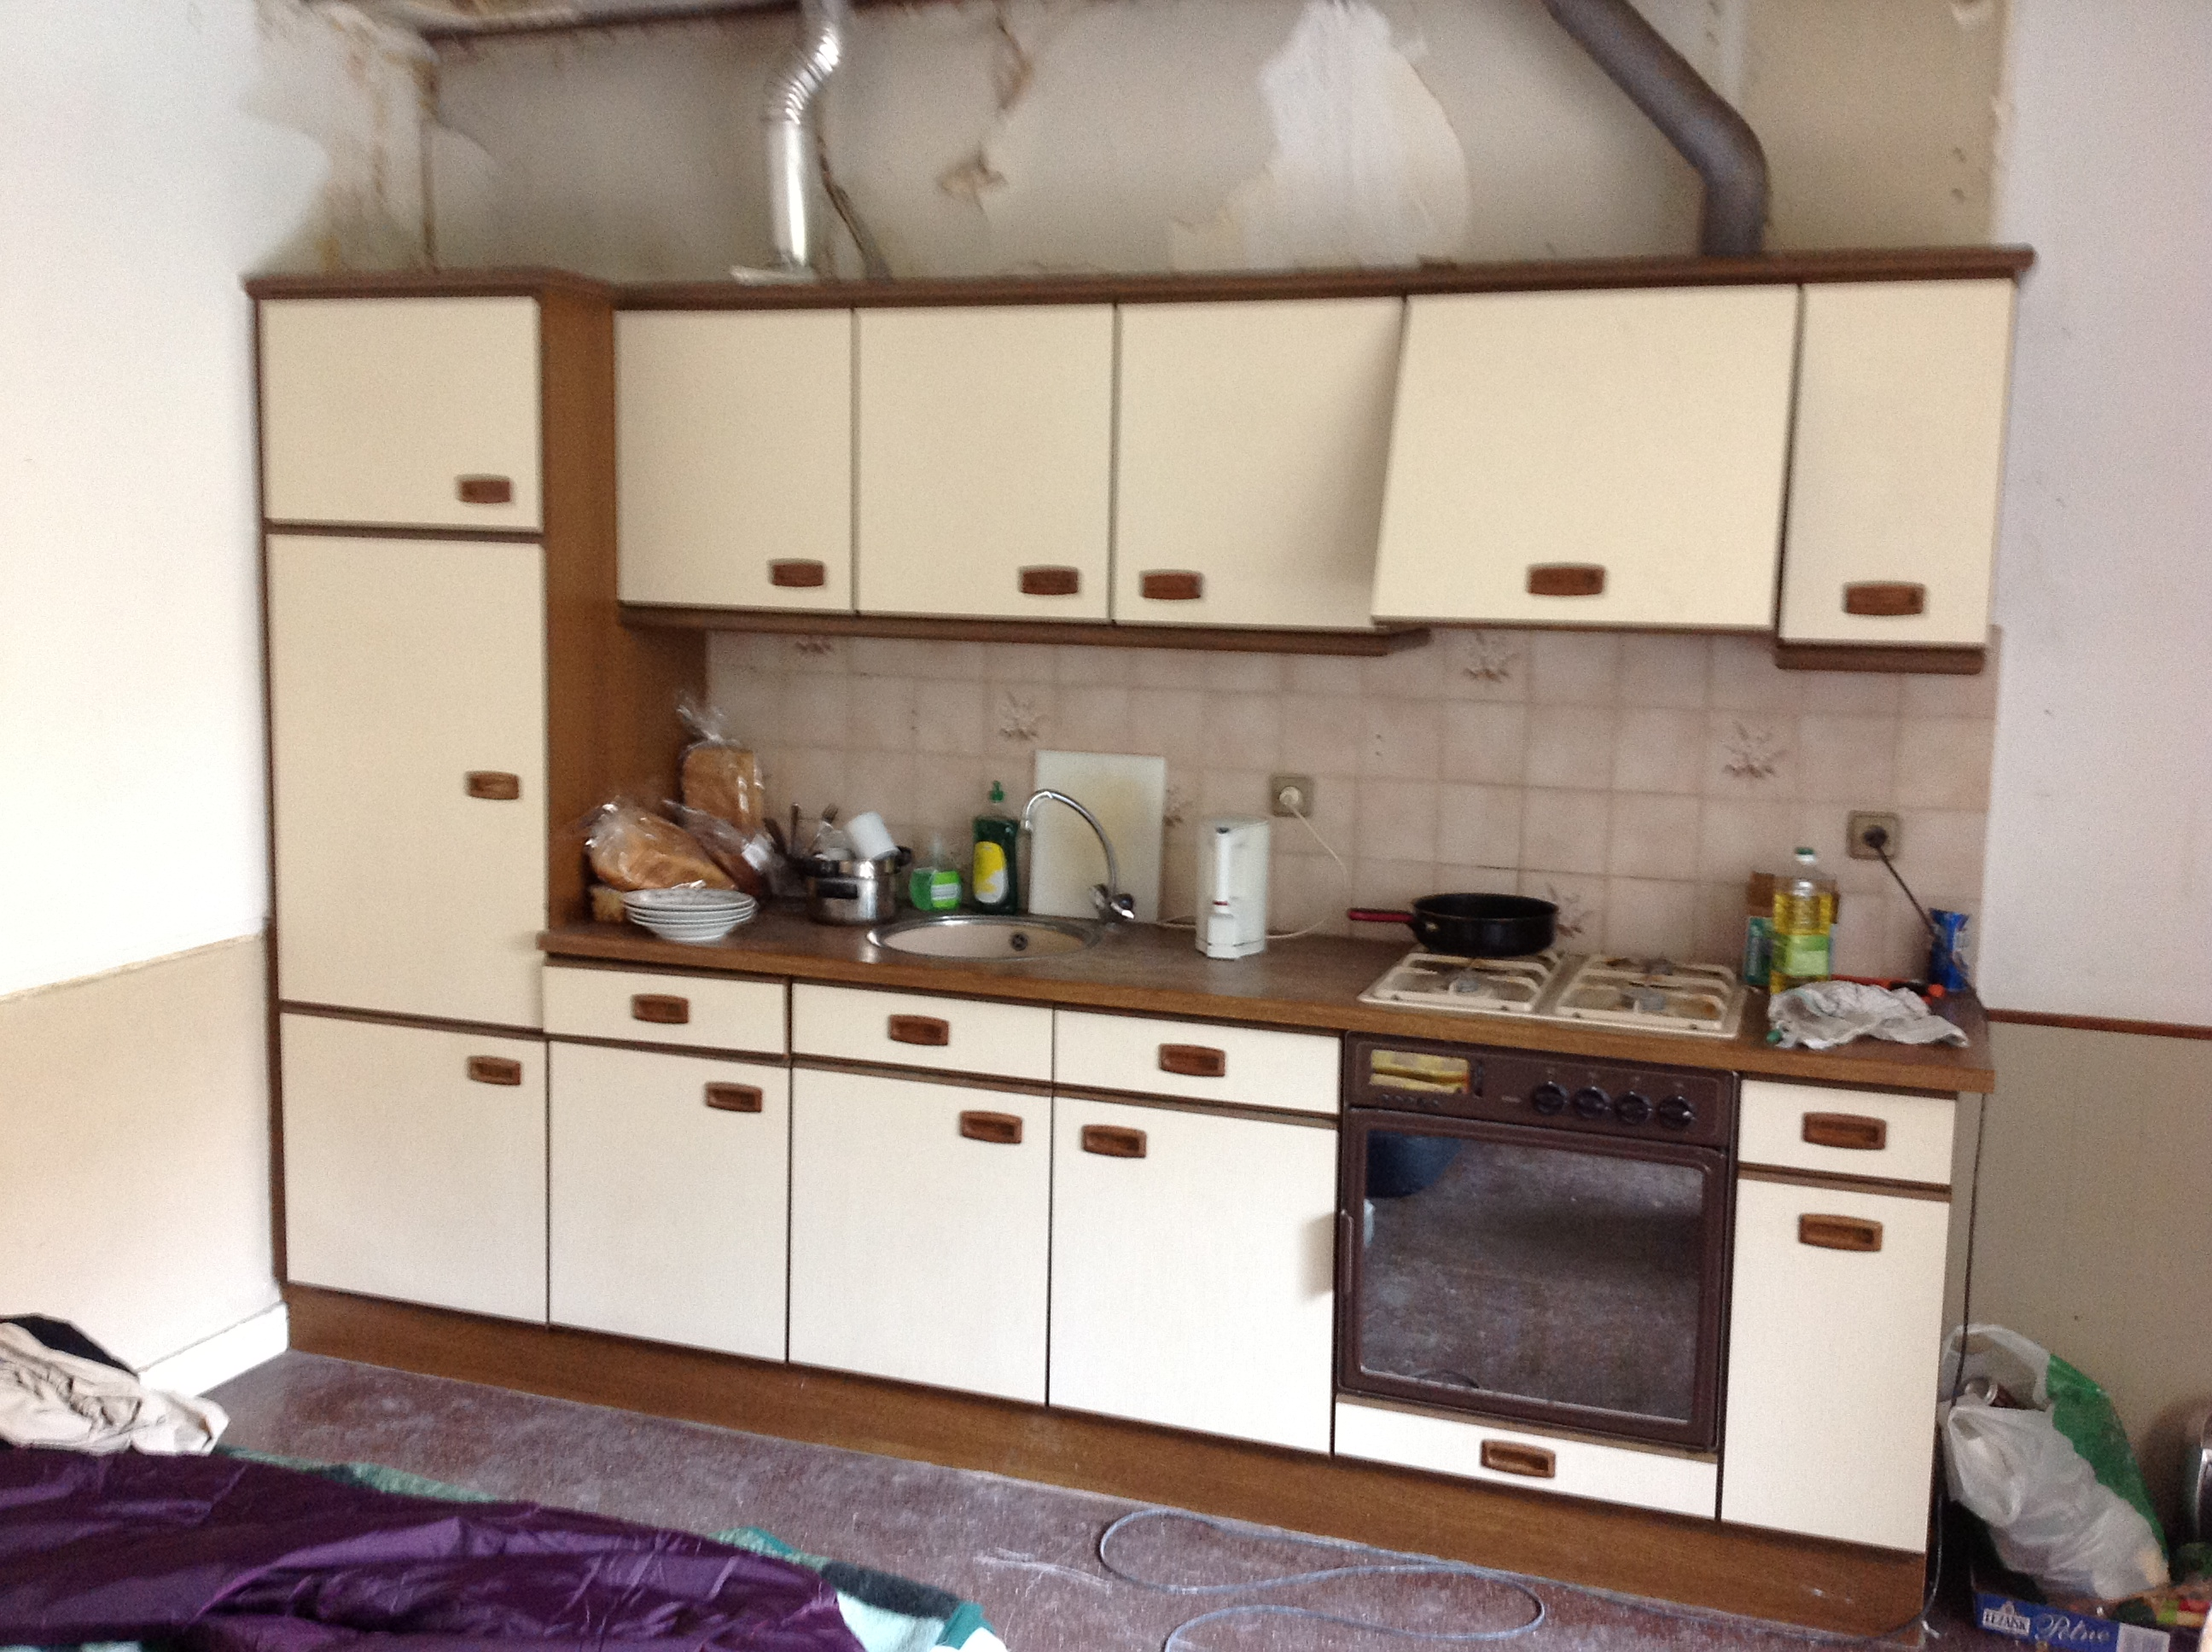 Keuken Renovatie Limburg : naar luxe woonhuis – Home Service Limburg : Home Service Limburg